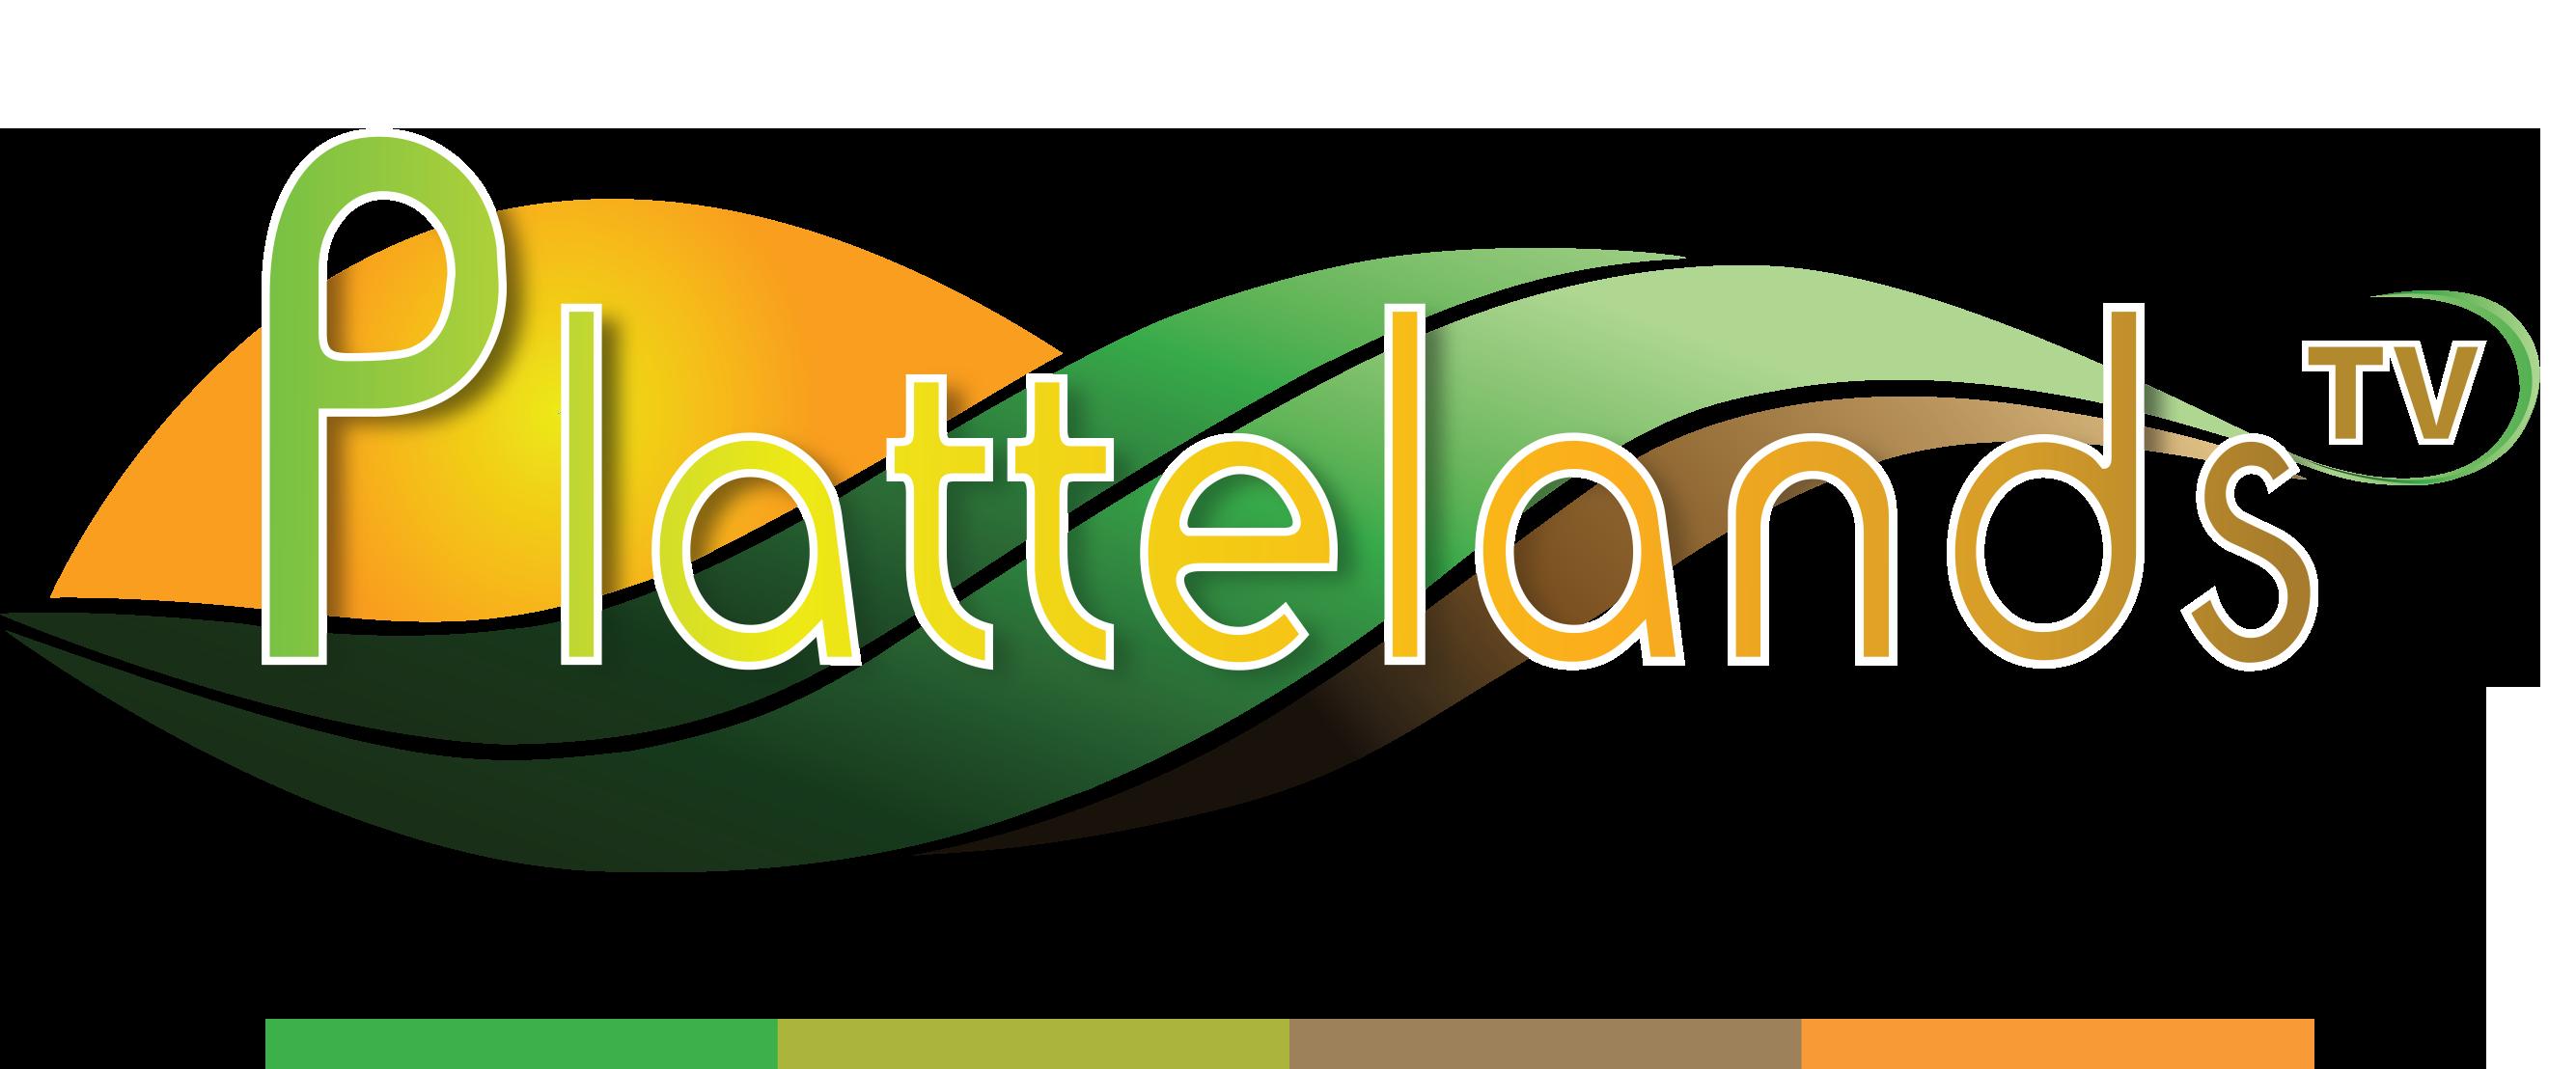 PlattelandsTV-Logo-met-balk-1